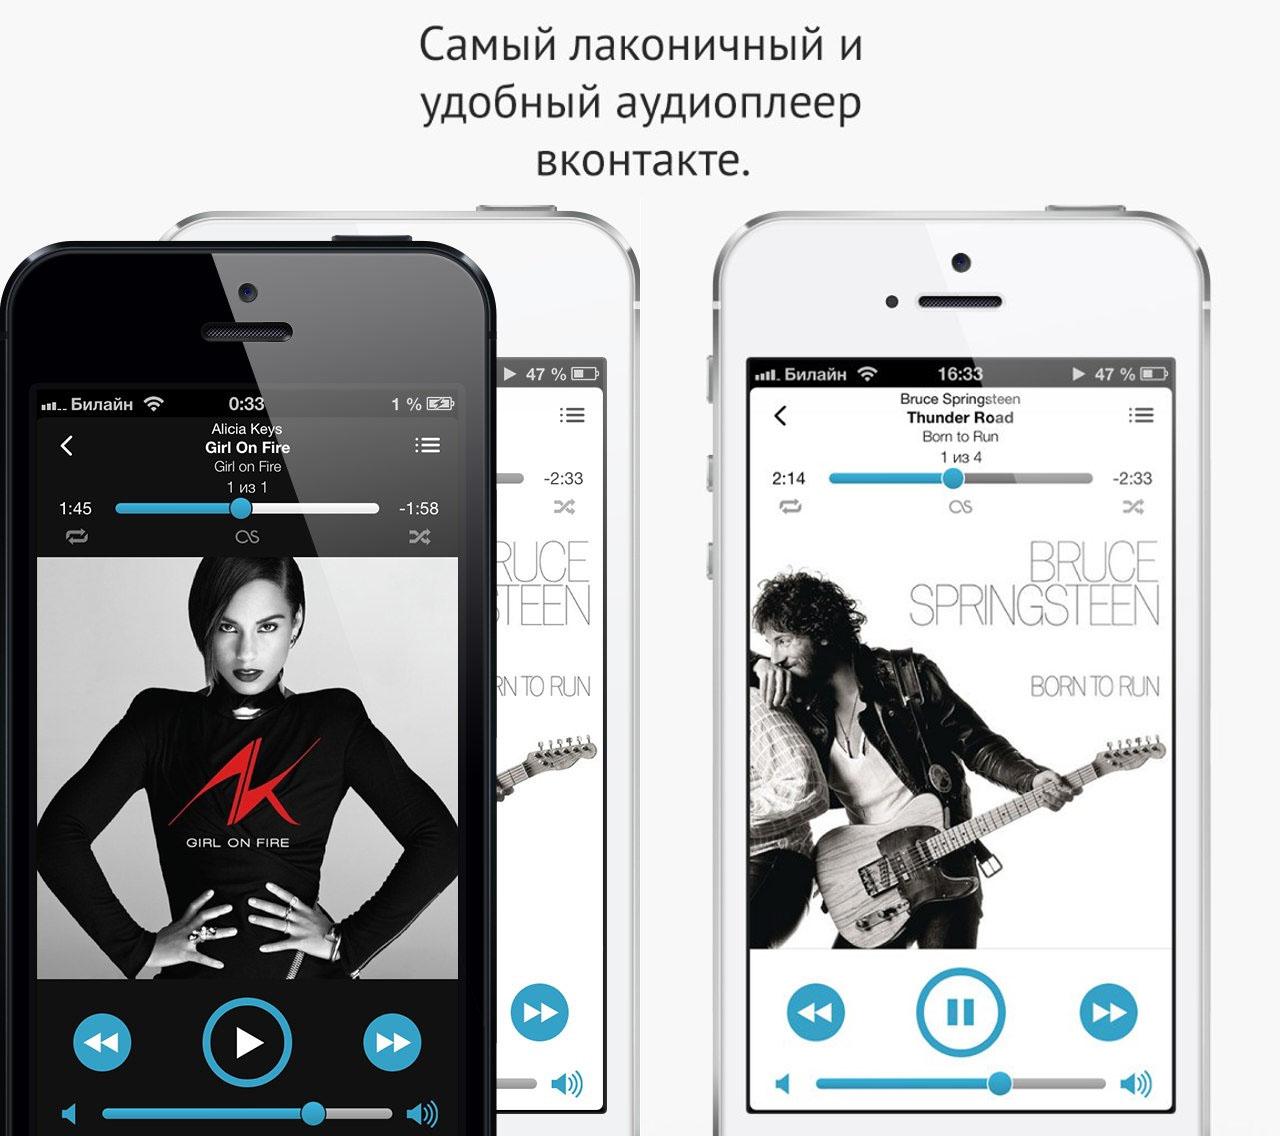 Скачать программу для скачивания музыки вконтакте на айфон